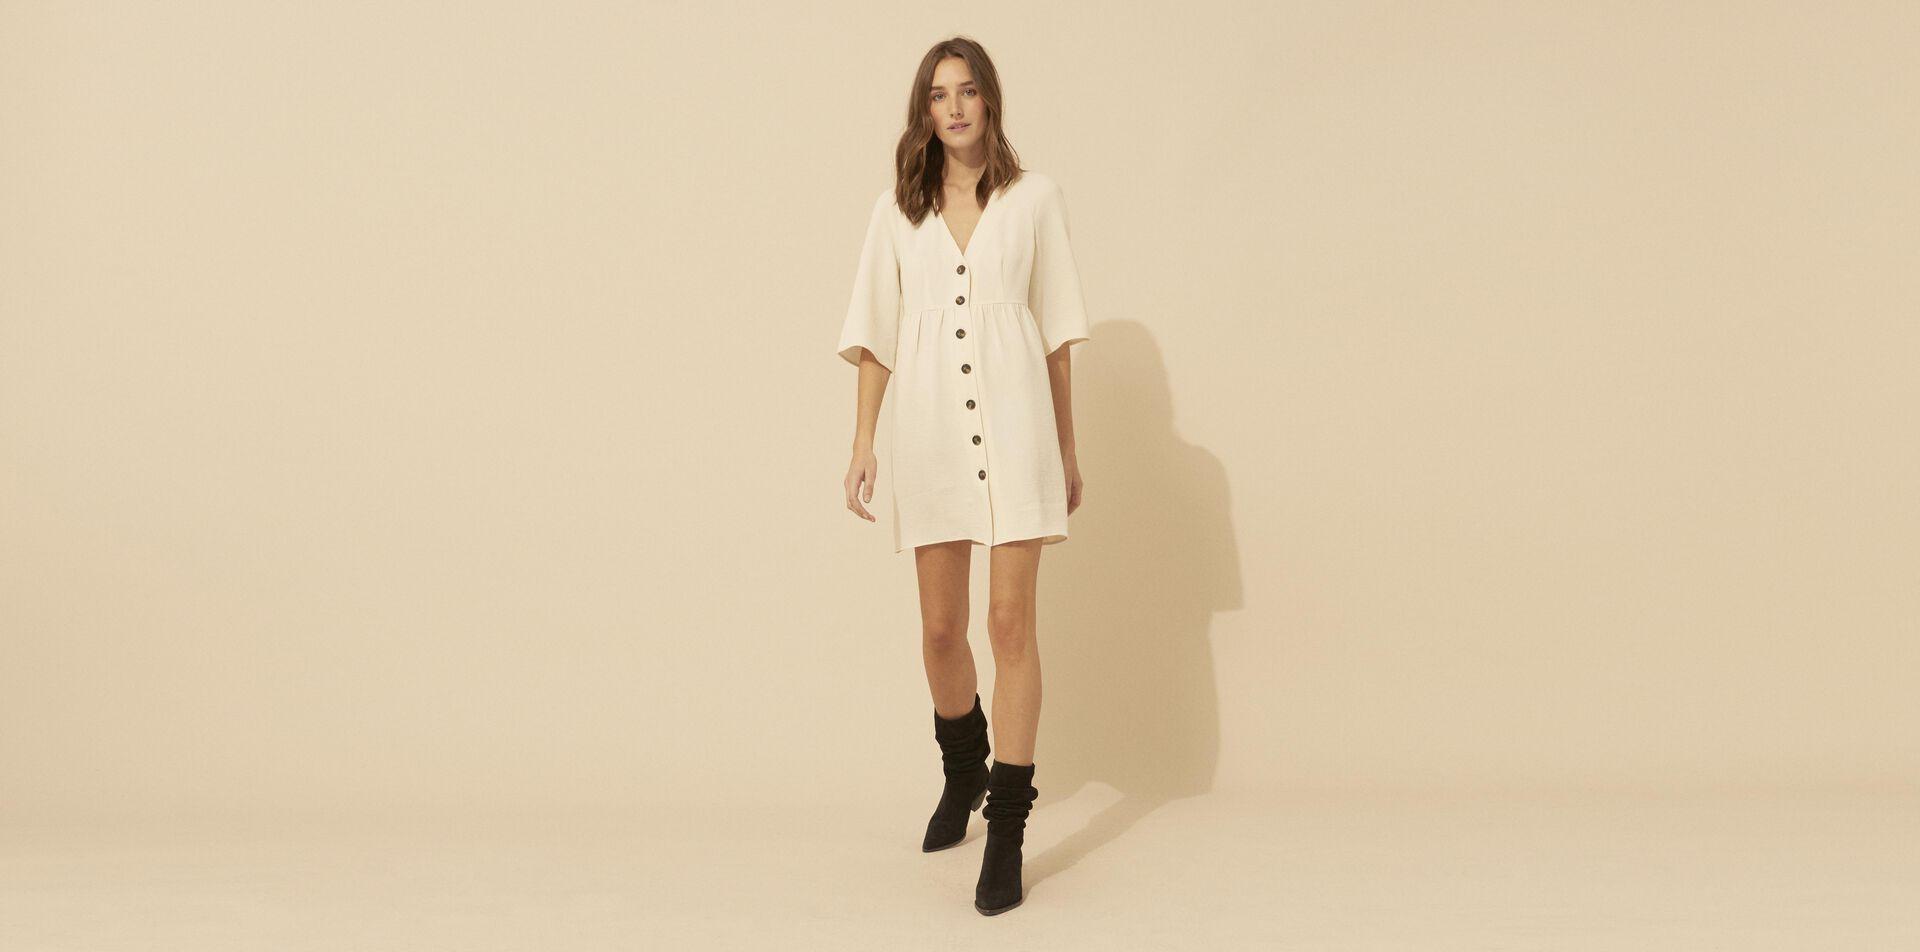 eed0265b8aba ba sh • A ready-to-wear for women